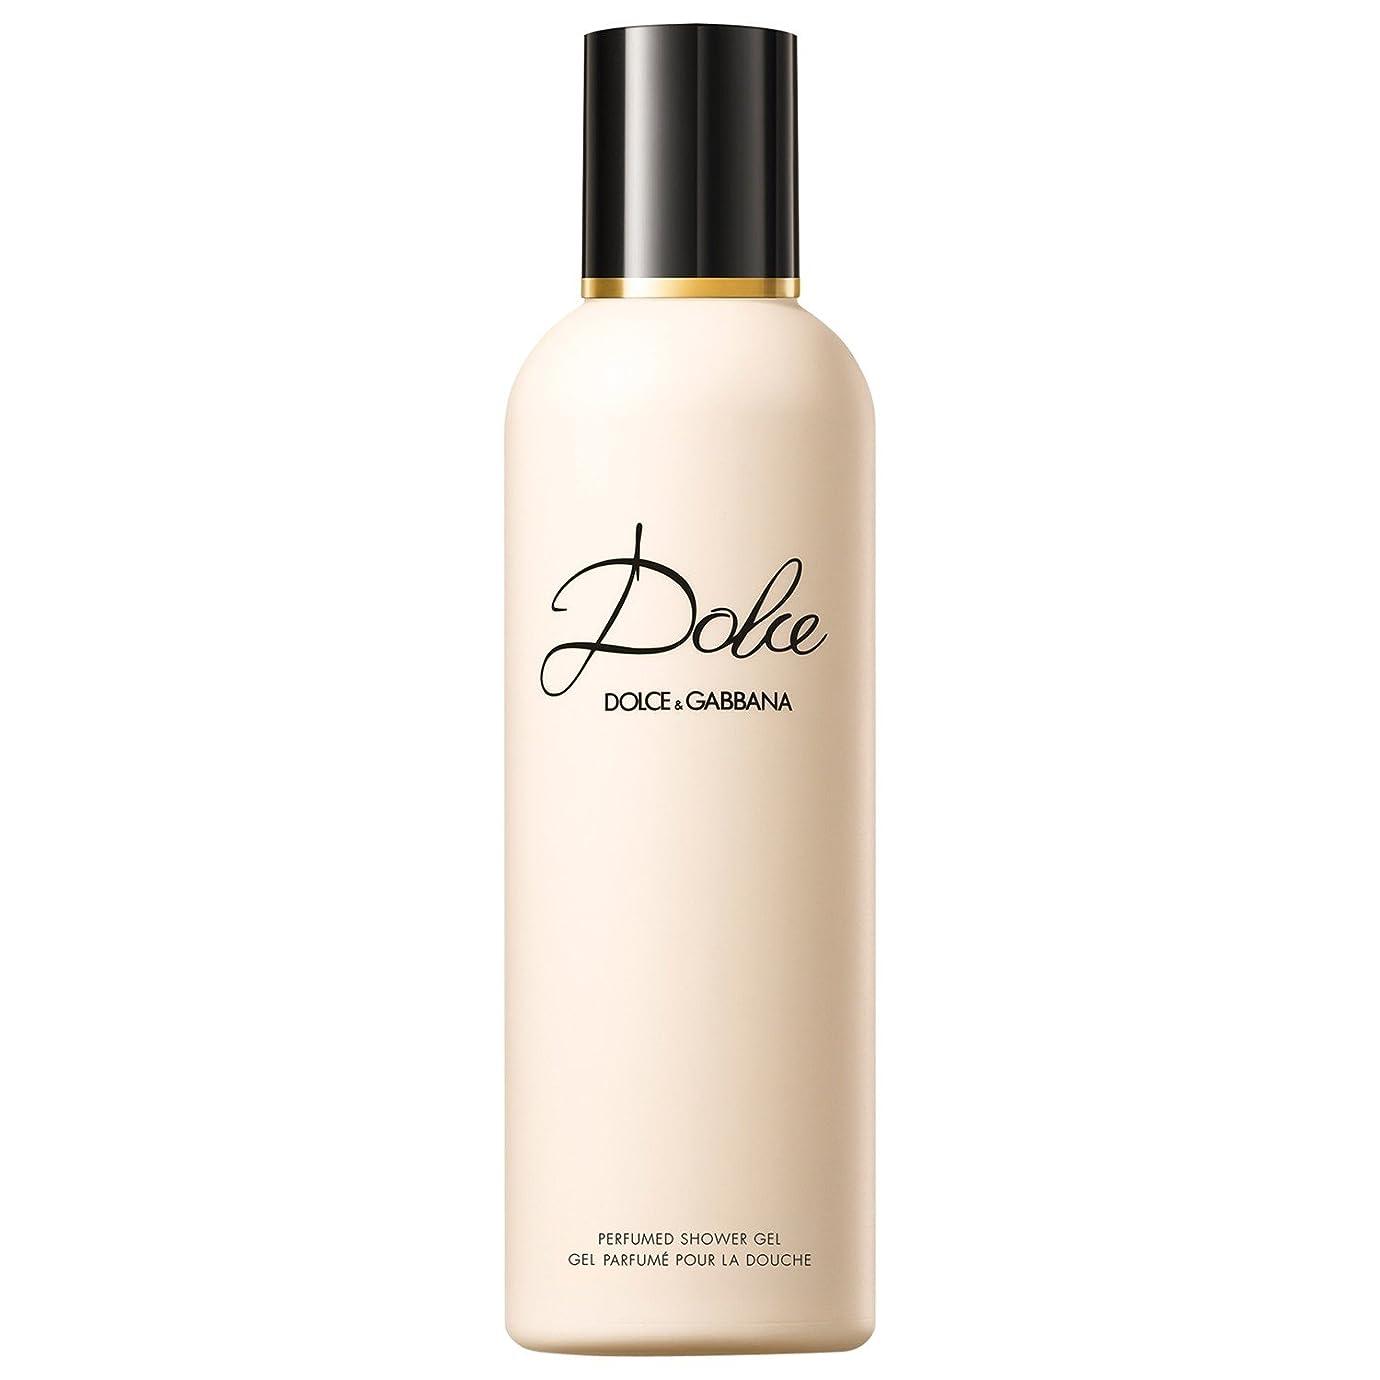 選ぶ解釈するミネラルドルチェ&ガッバーナドルチェシャワージェル200ミリリットル (Dolce & Gabbana) (x2) - Dolce & Gabbana Dolce Shower Gel 200ml (Pack of 2) [並行輸入品]